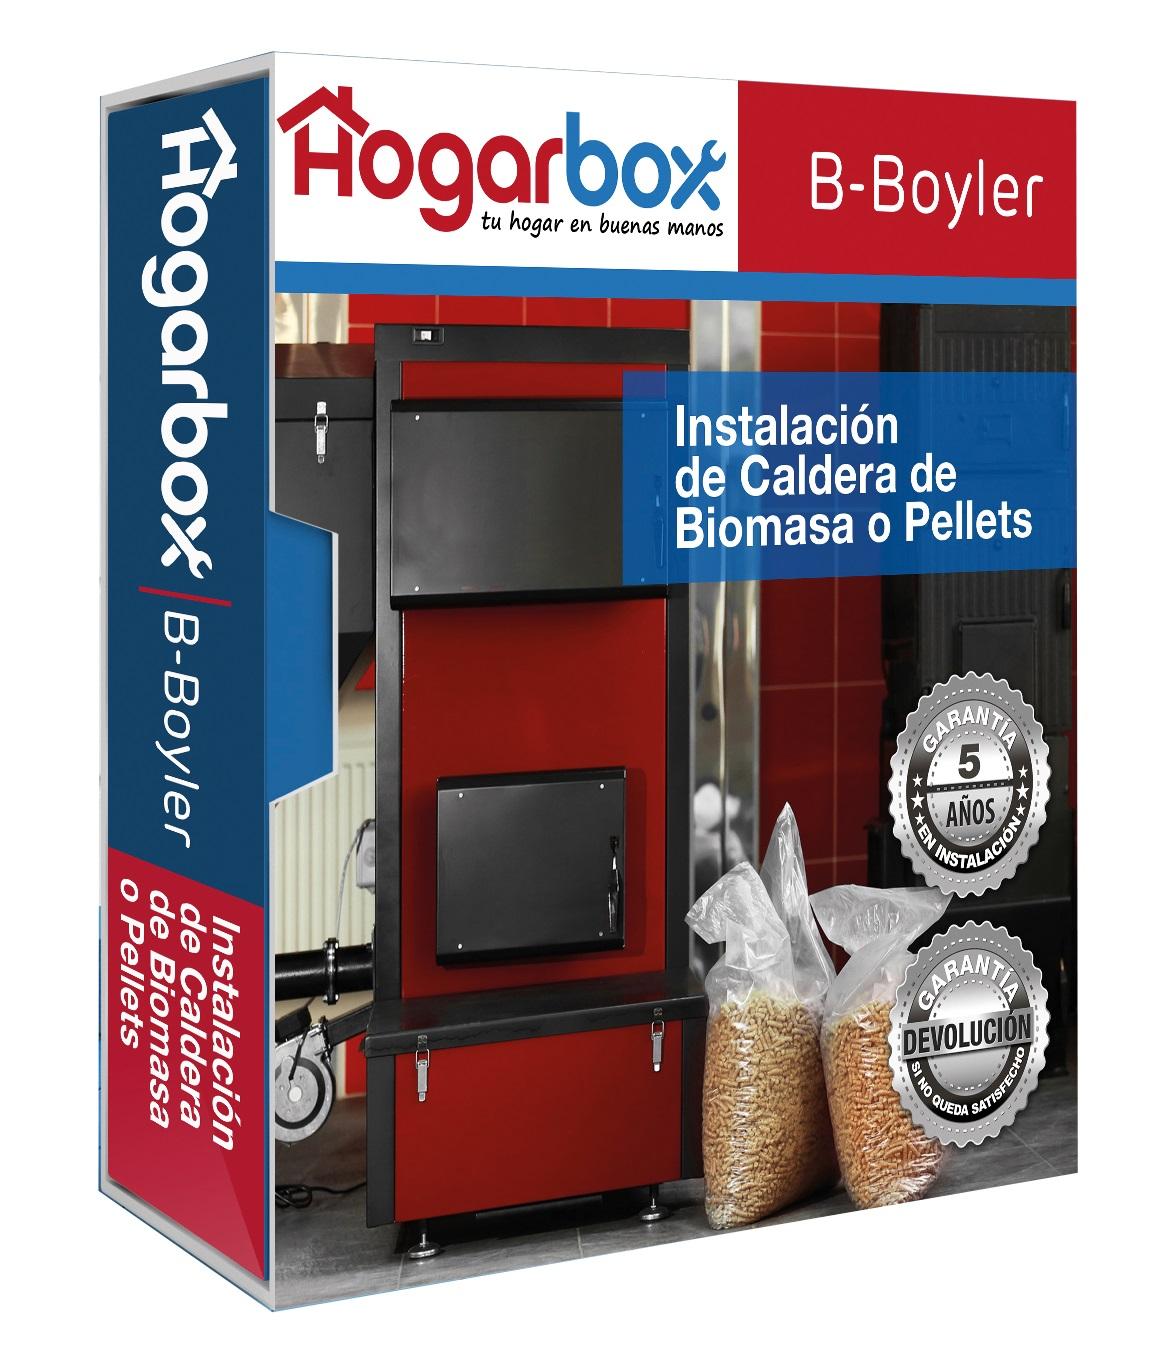 Calderas de biomasa precio amazing calderas de biomasa - Precio caldera pellets ...